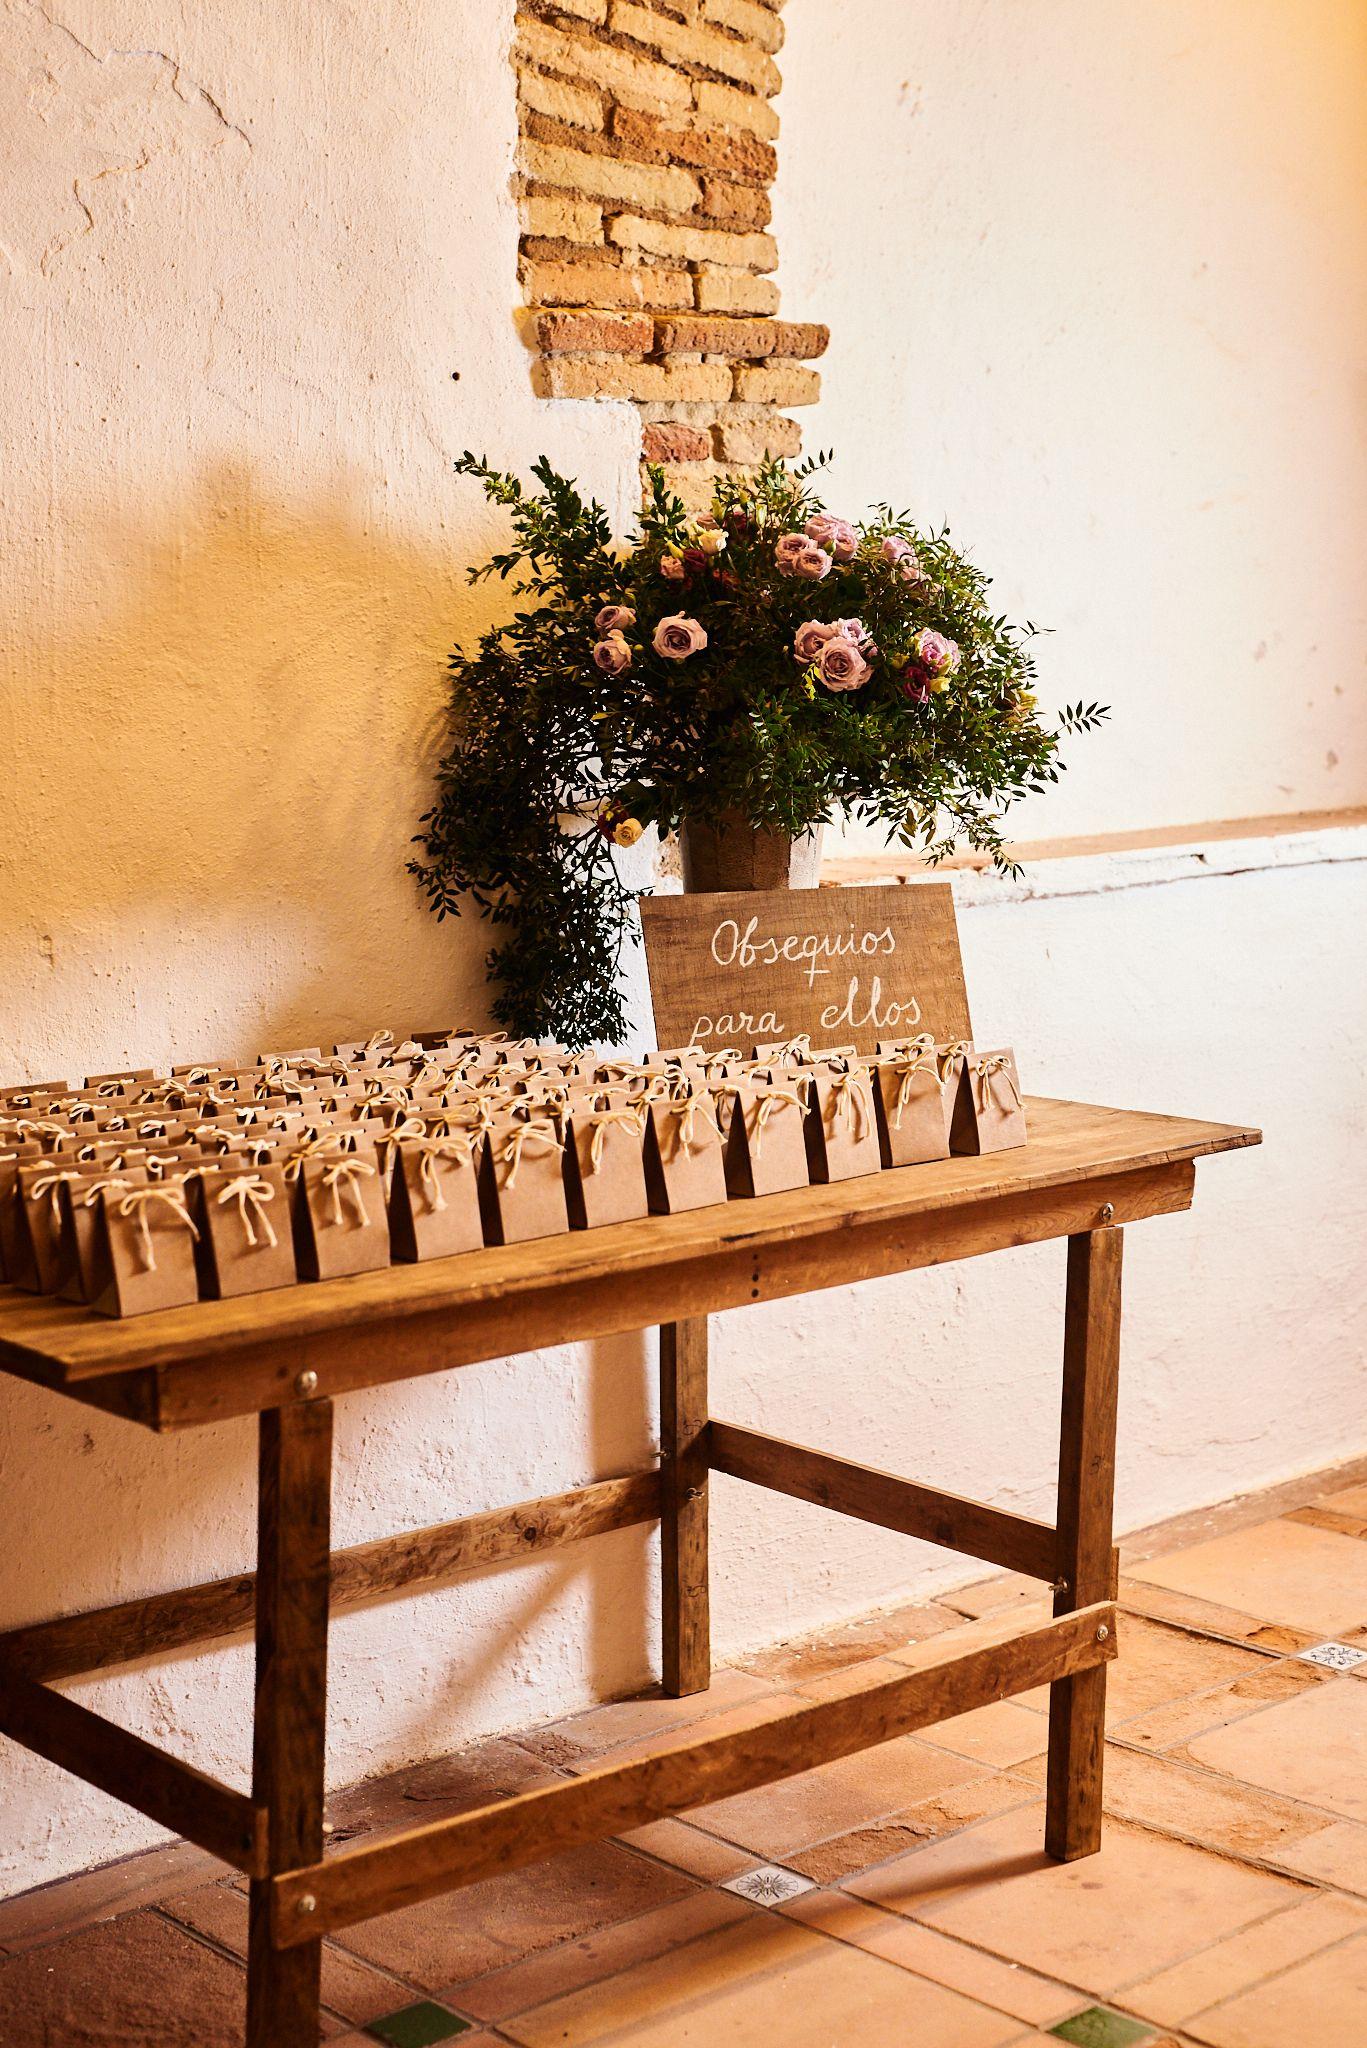 La-22Destination-Wedding22-en-Moguer-de-Lauren-y-JosC3A9-Antonio-JoseAntonio-alejandromarmol2771.jpg